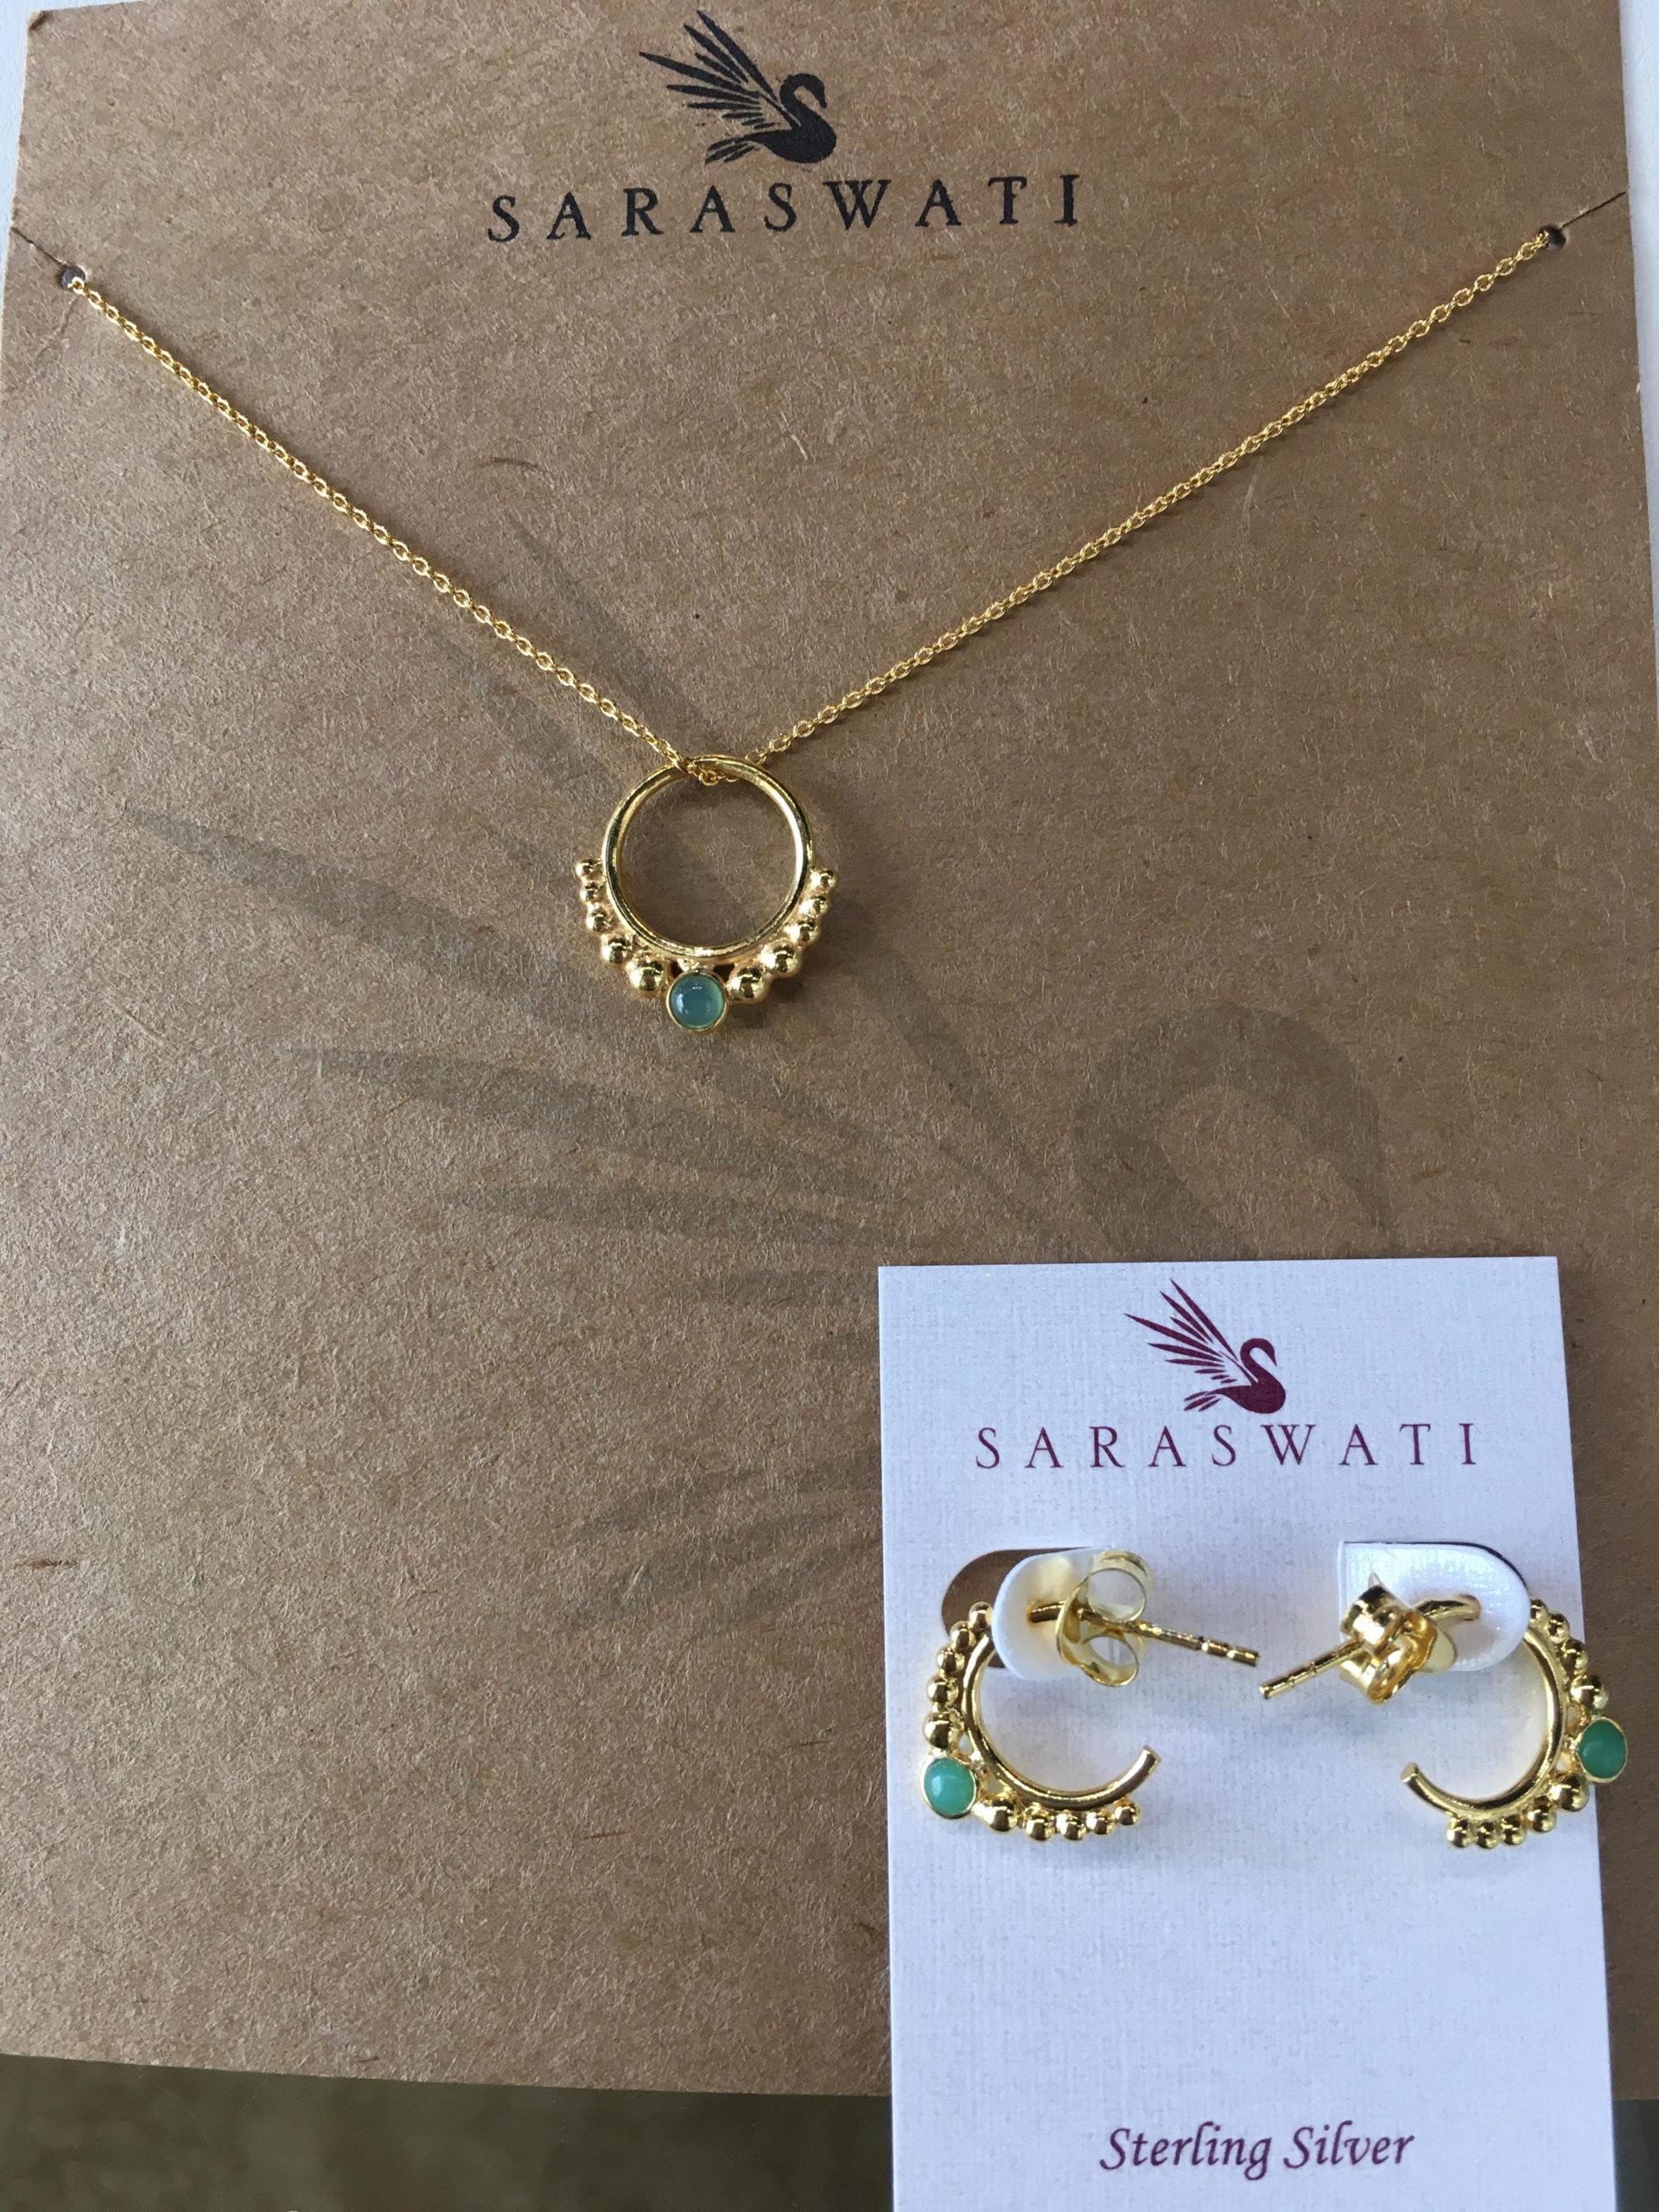 Saraswati Vermeil Green Onyx Hoop Pendant and Matching Earrings